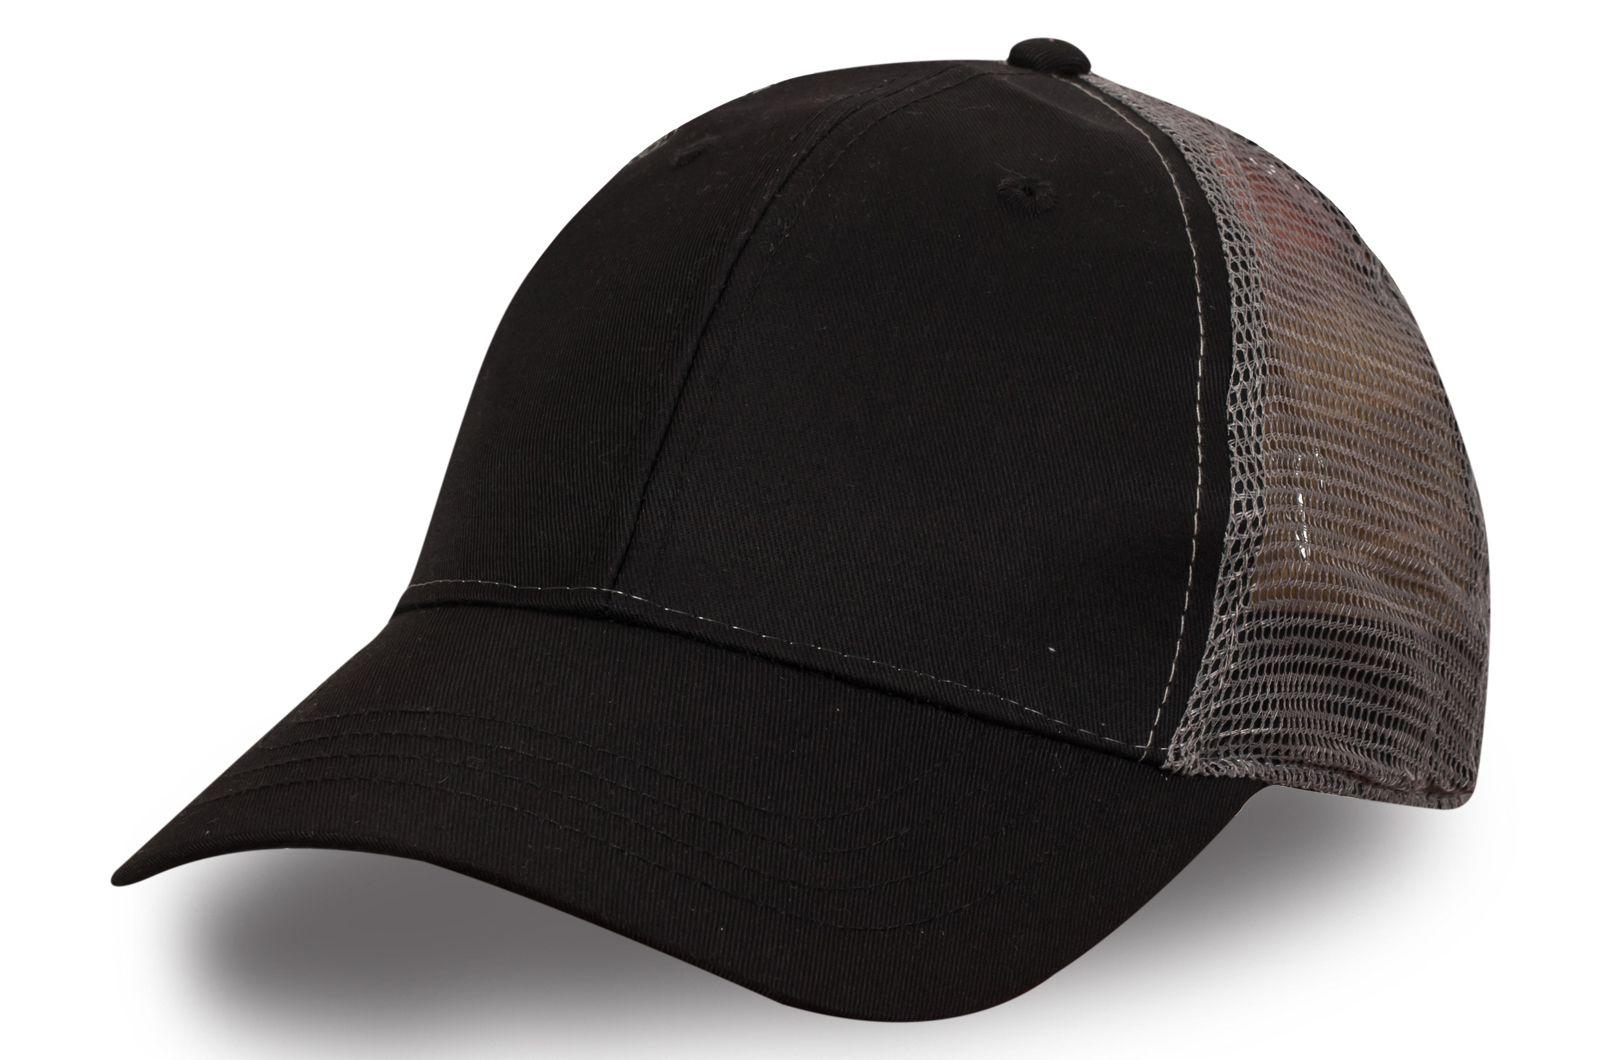 Чёрная бейсболка сетчатая - купить по лучшей цене